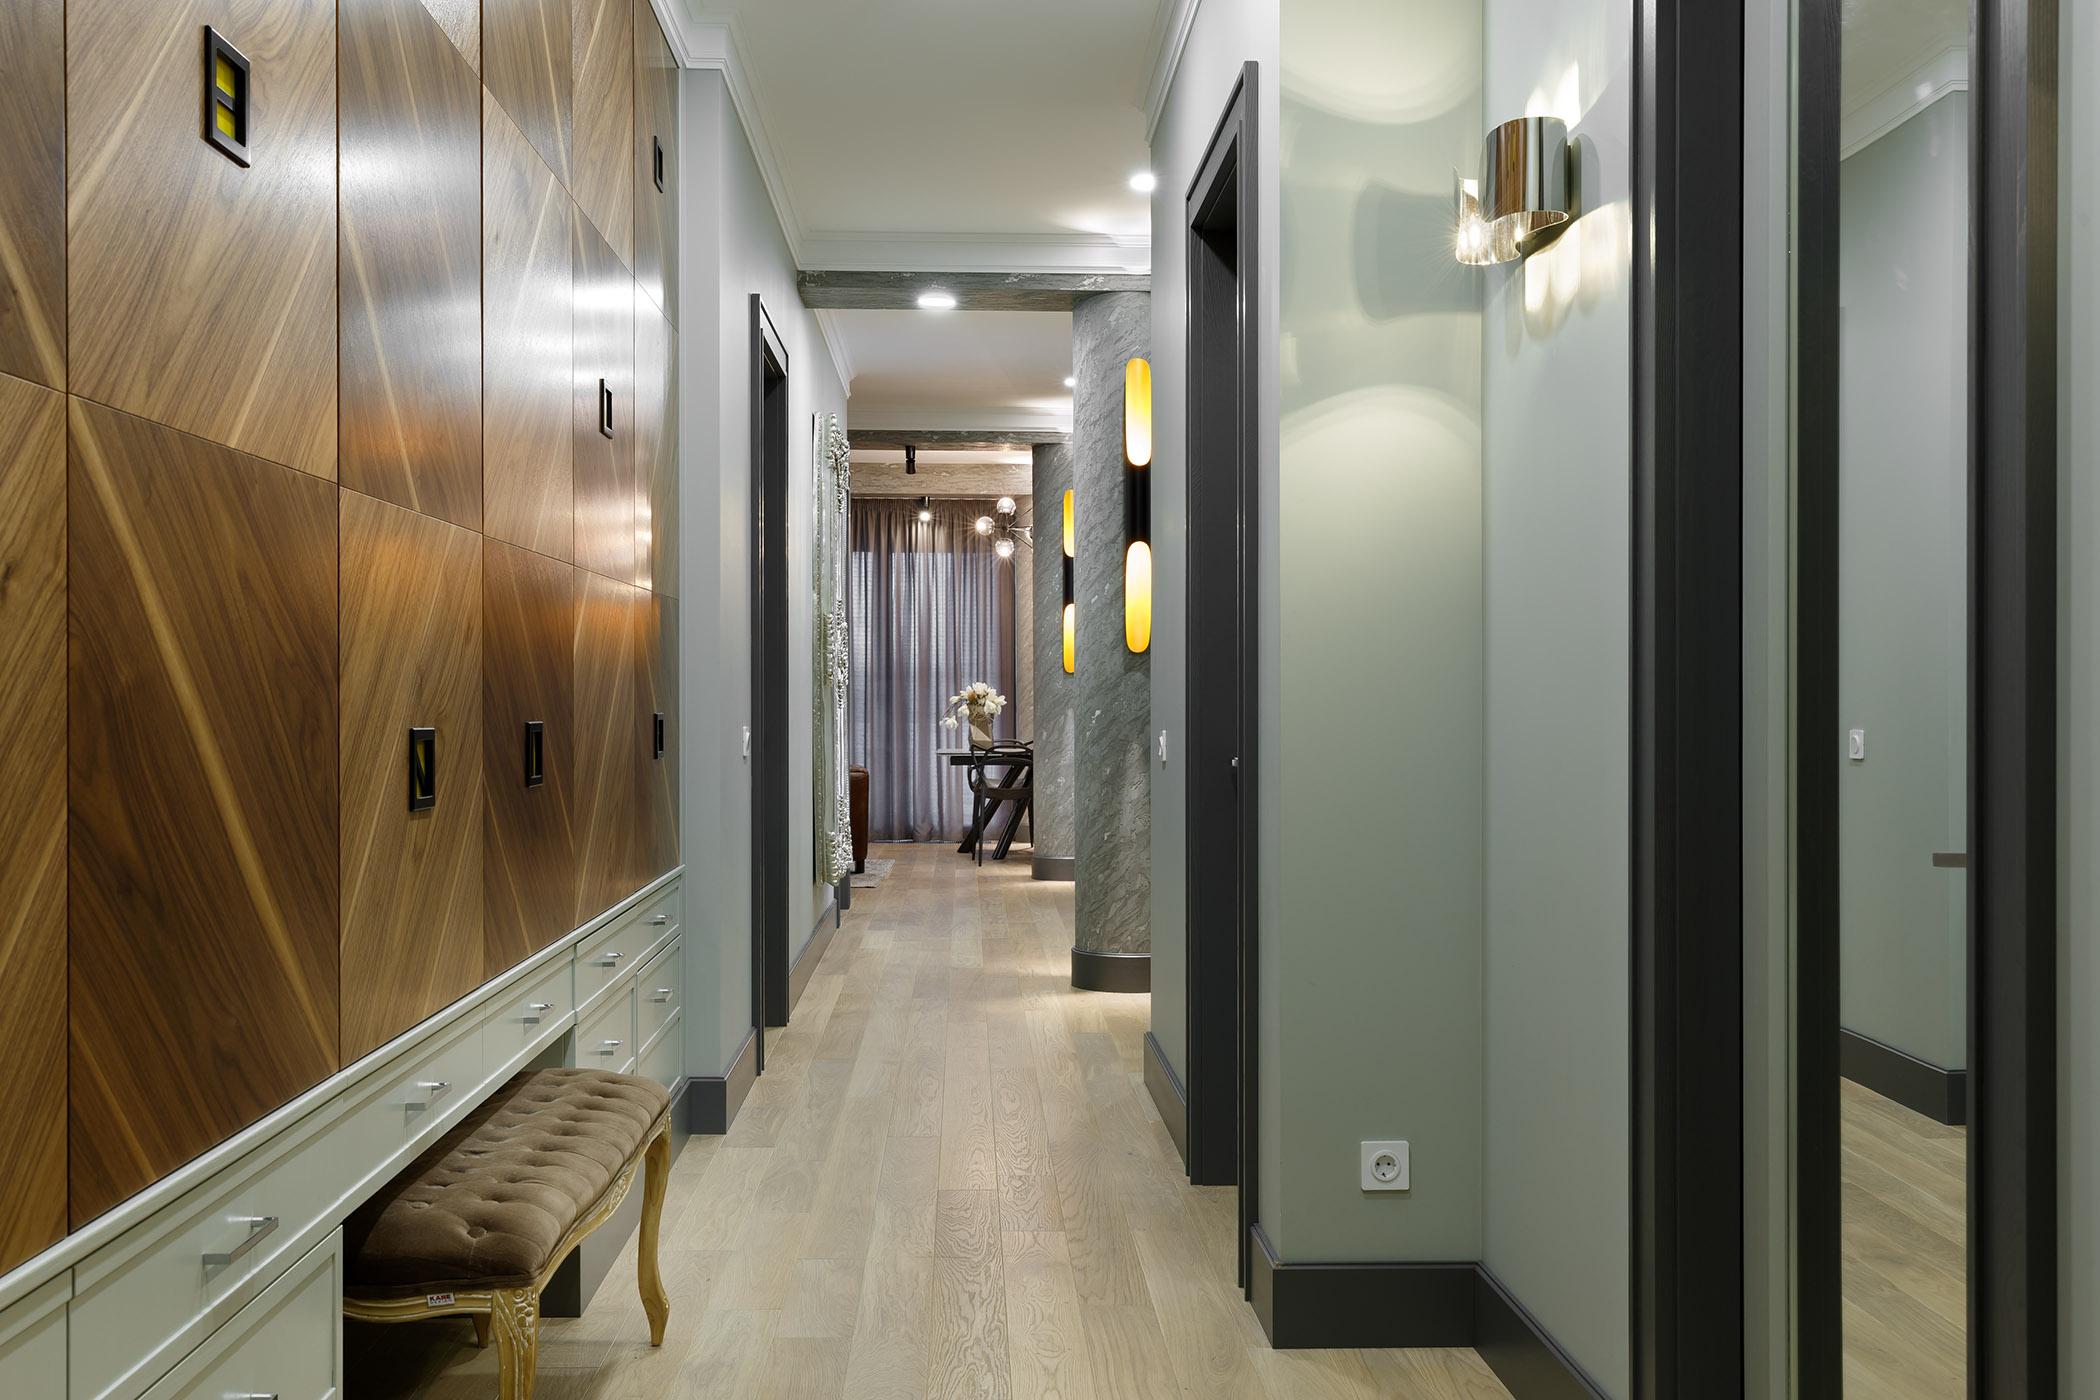 эклектика Сергей Клочков создал невероятный дизайн квартиры при  участии лучших брендов novocherkasskiy33 04